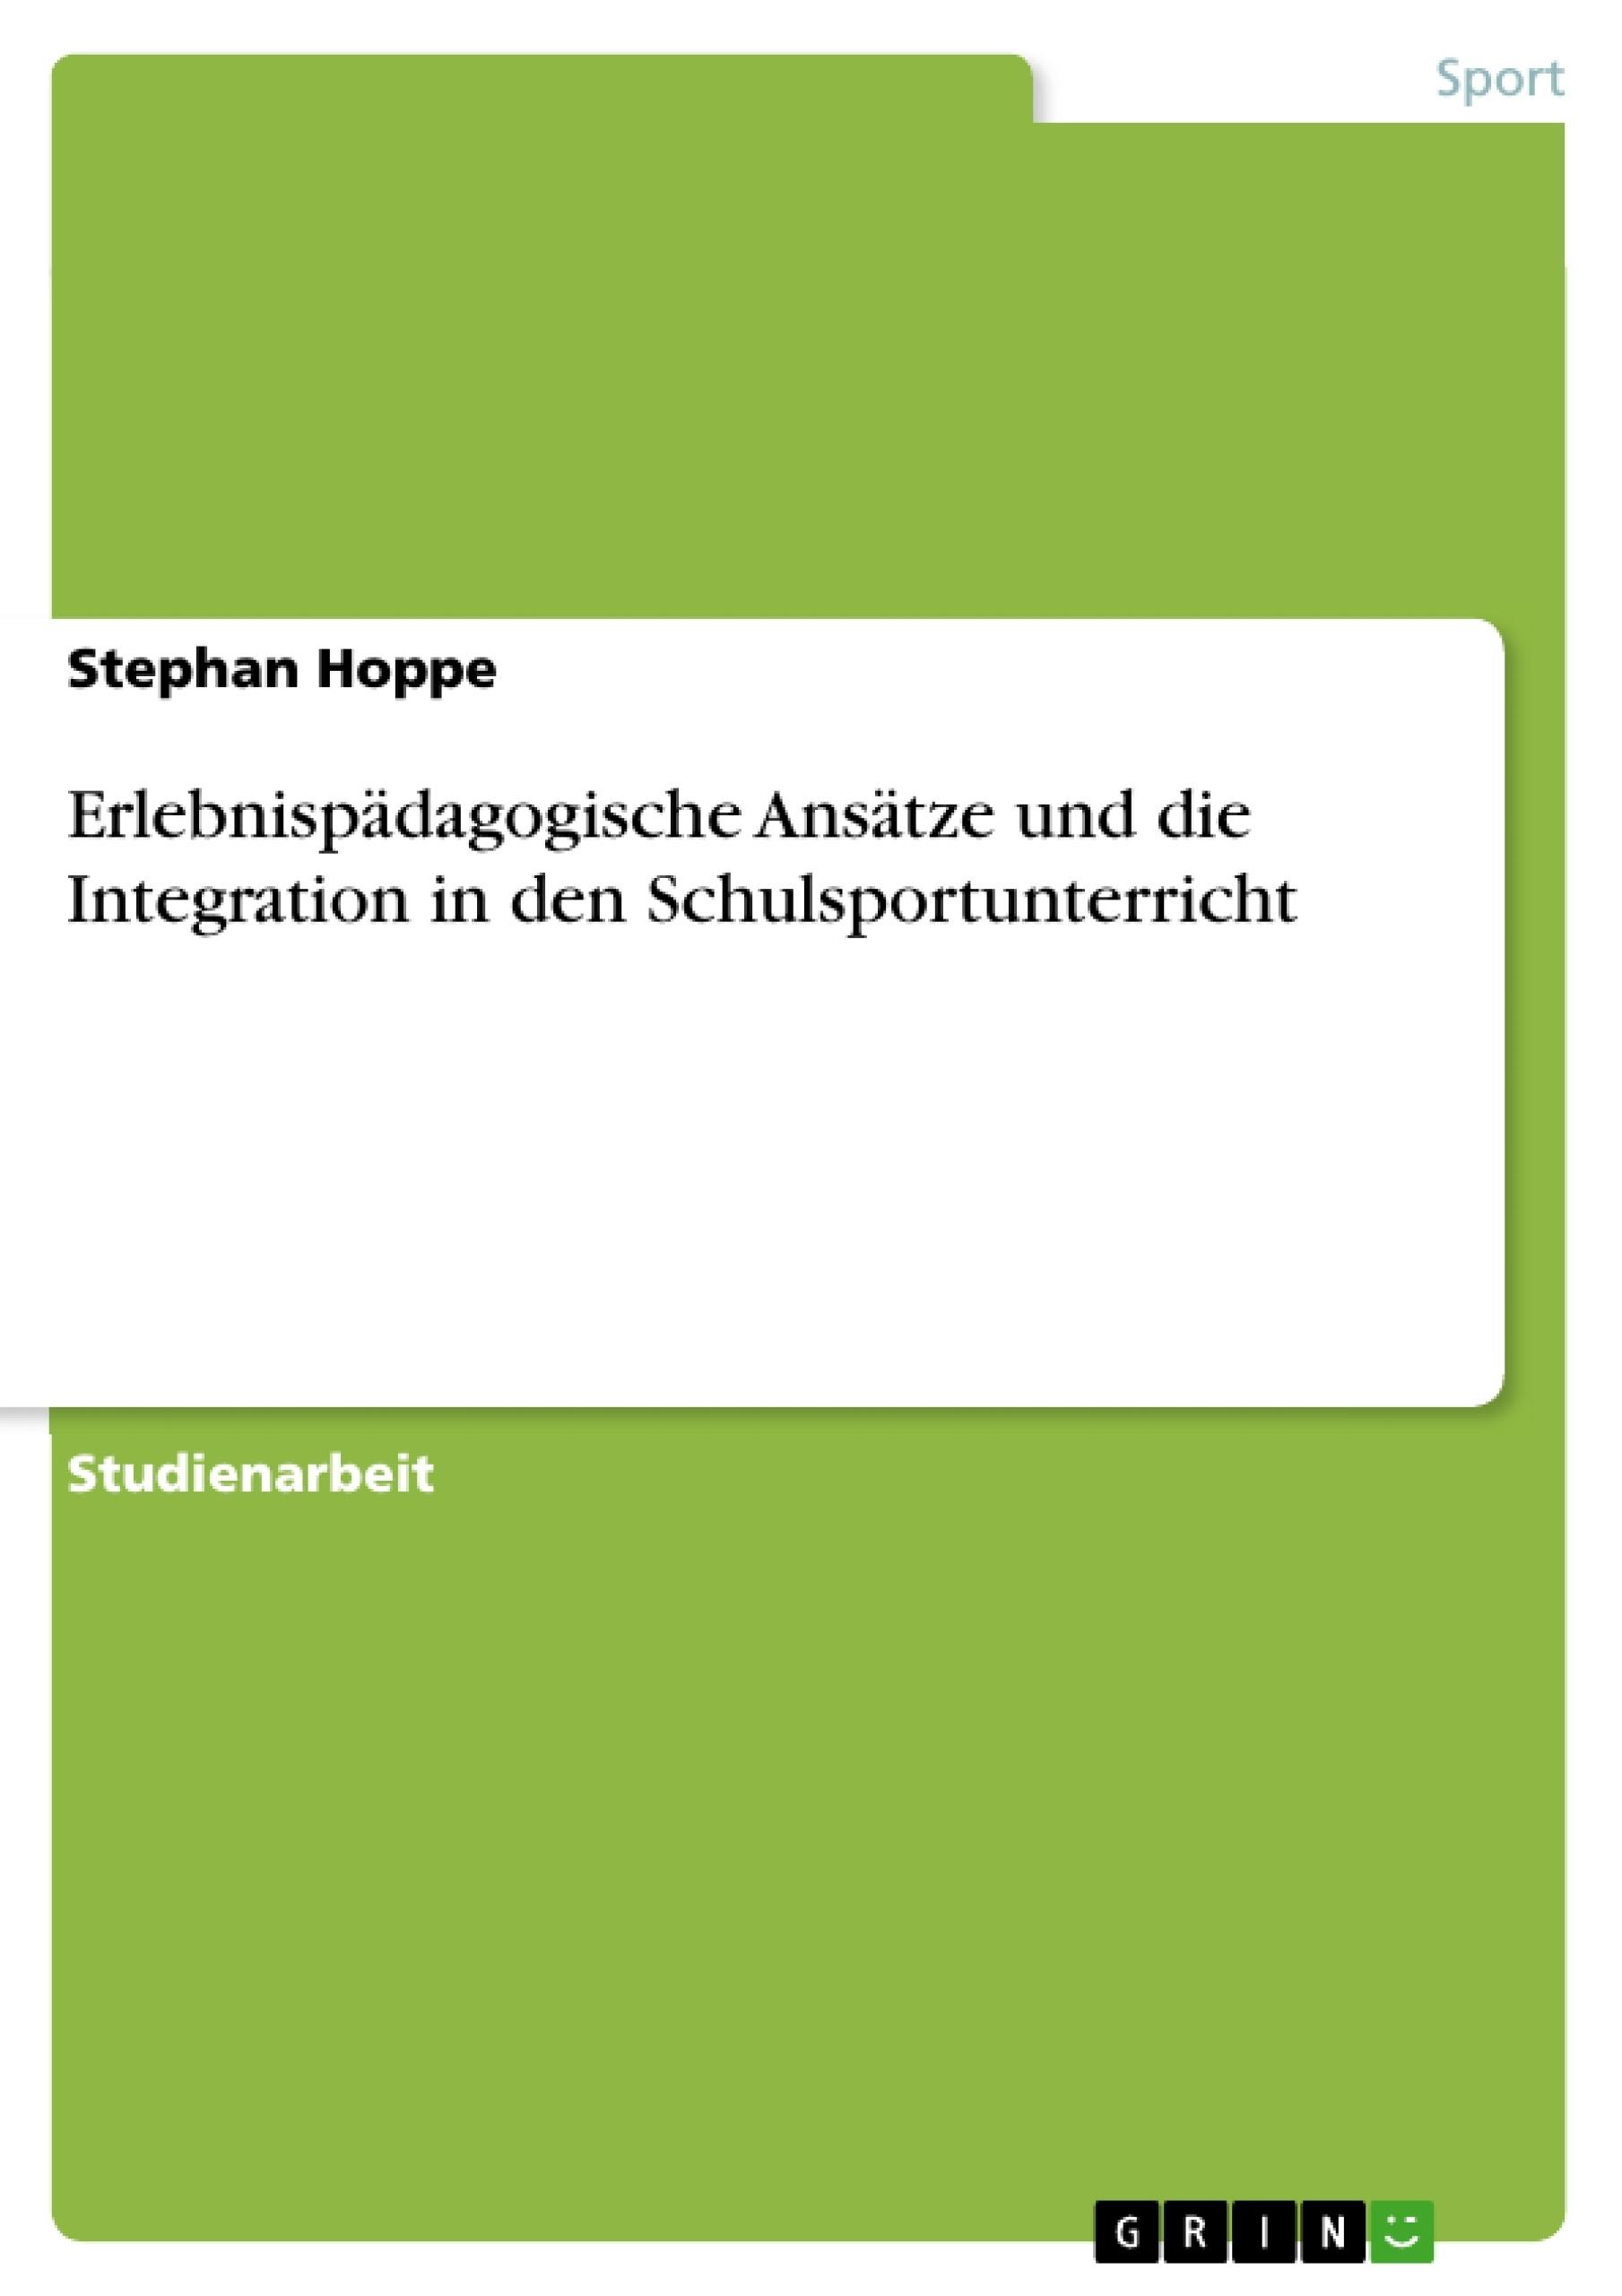 Titel: Erlebnispädagogische Ansätze und die Integration in den Schulsportunterricht